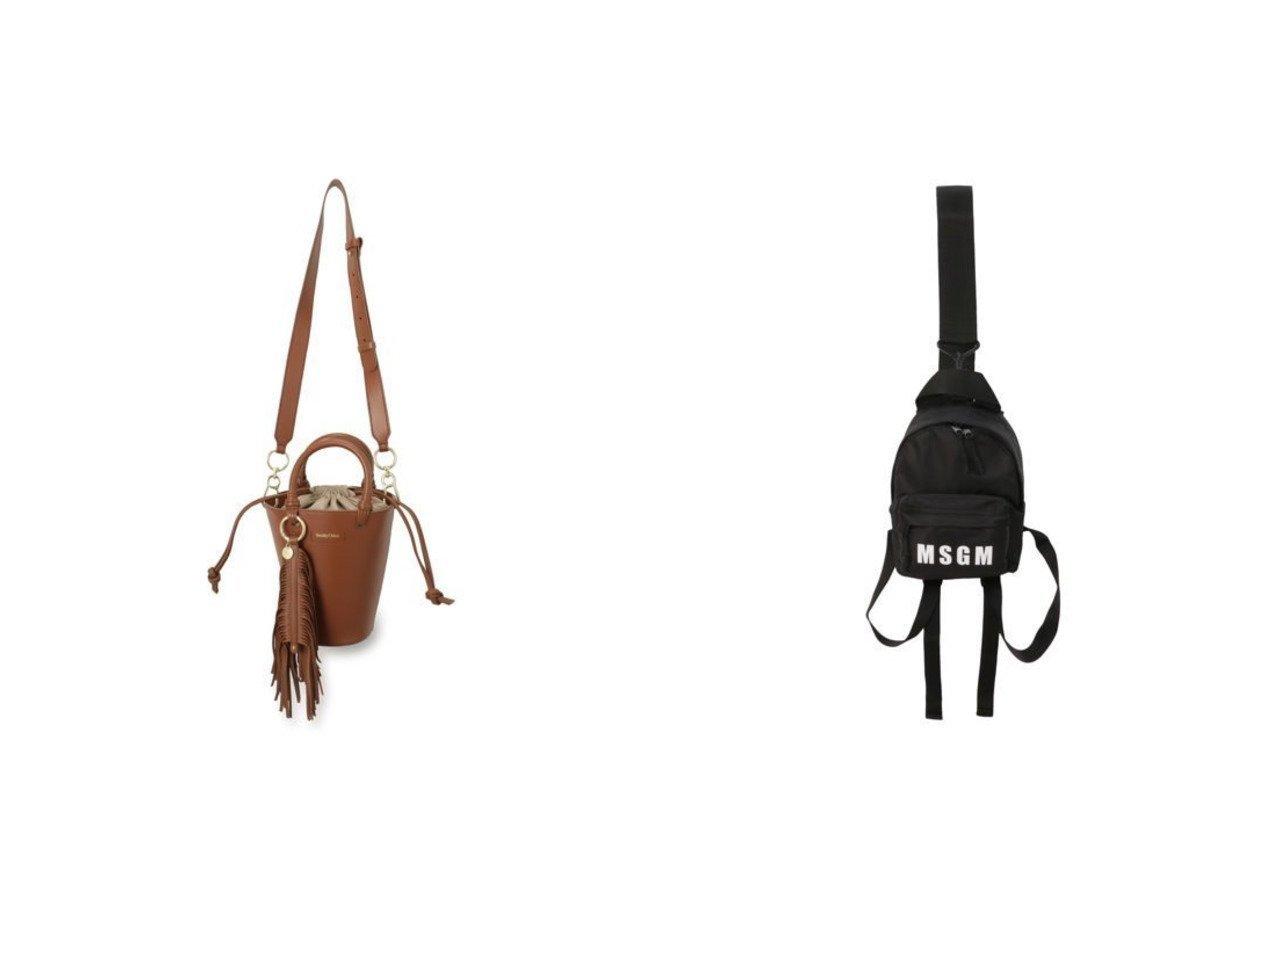 【SEE BY CHLOE/シー バイ クロエ】のSMALL TOTE&【MSGM/エムエスジーエム】のMINI BAG 【バッグ・鞄】おすすめ!人気、トレンド・レディースファッションの通販 おすすめで人気の流行・トレンド、ファッションの通販商品 メンズファッション・キッズファッション・インテリア・家具・レディースファッション・服の通販 founy(ファニー) https://founy.com/ ファッション Fashion レディースファッション WOMEN バッグ Bag 2021年 2021 2021春夏・S/S SS/Spring/Summer/2021 S/S・春夏 SS・Spring/Summer バランス フォルム ラップ エレガント バケツ 巾着 |ID:crp329100000027867